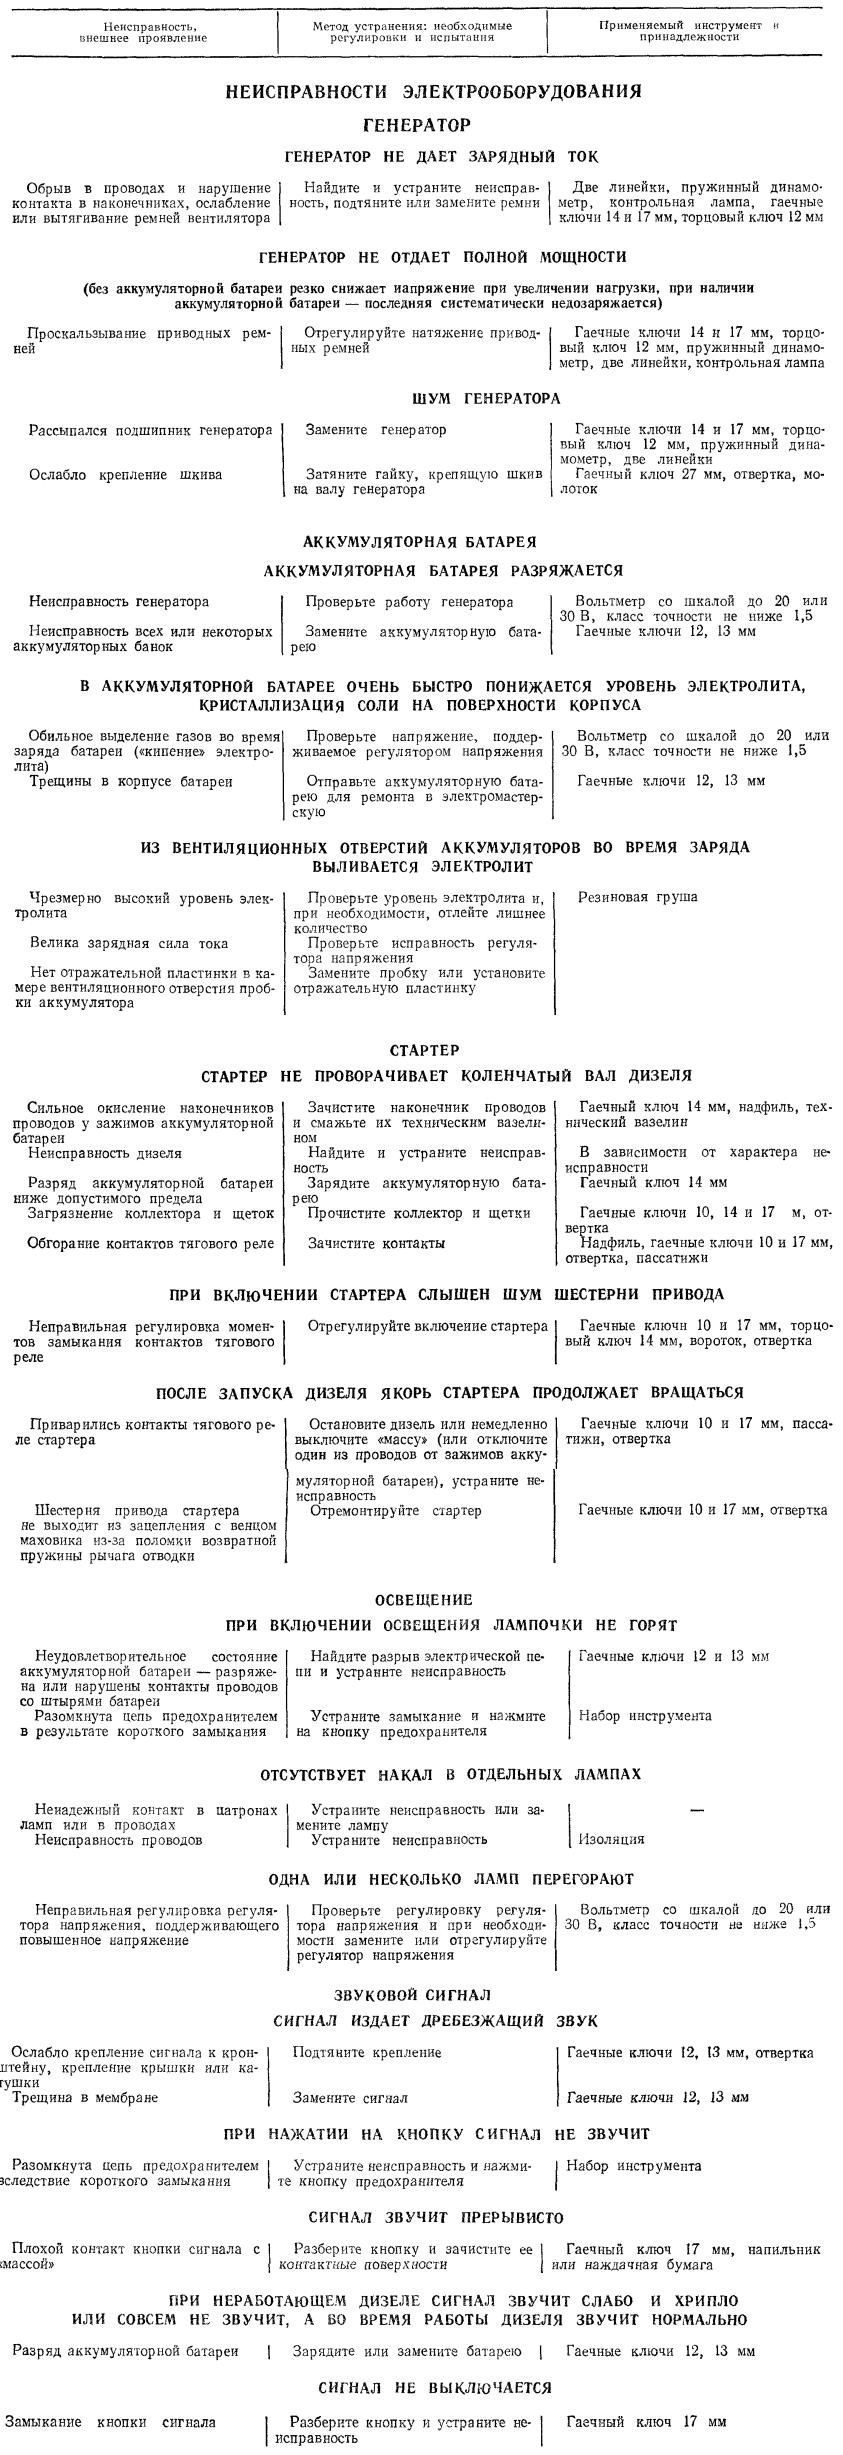 Методы устранения неисправностей электрооборудования тракторов Т-40М, Т-40АМ, Т-40АНМ